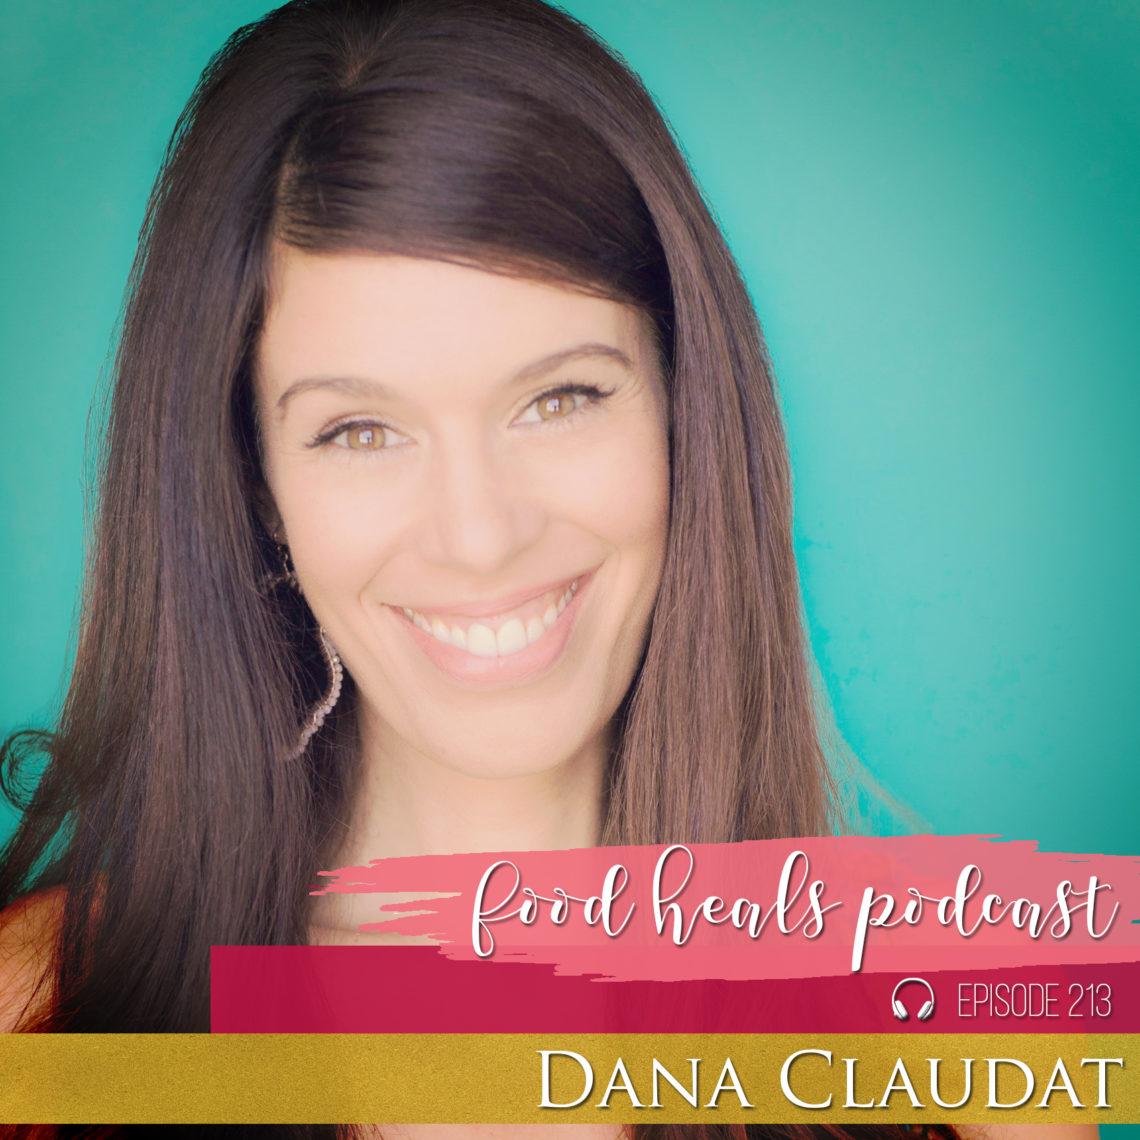 Dana Claudat